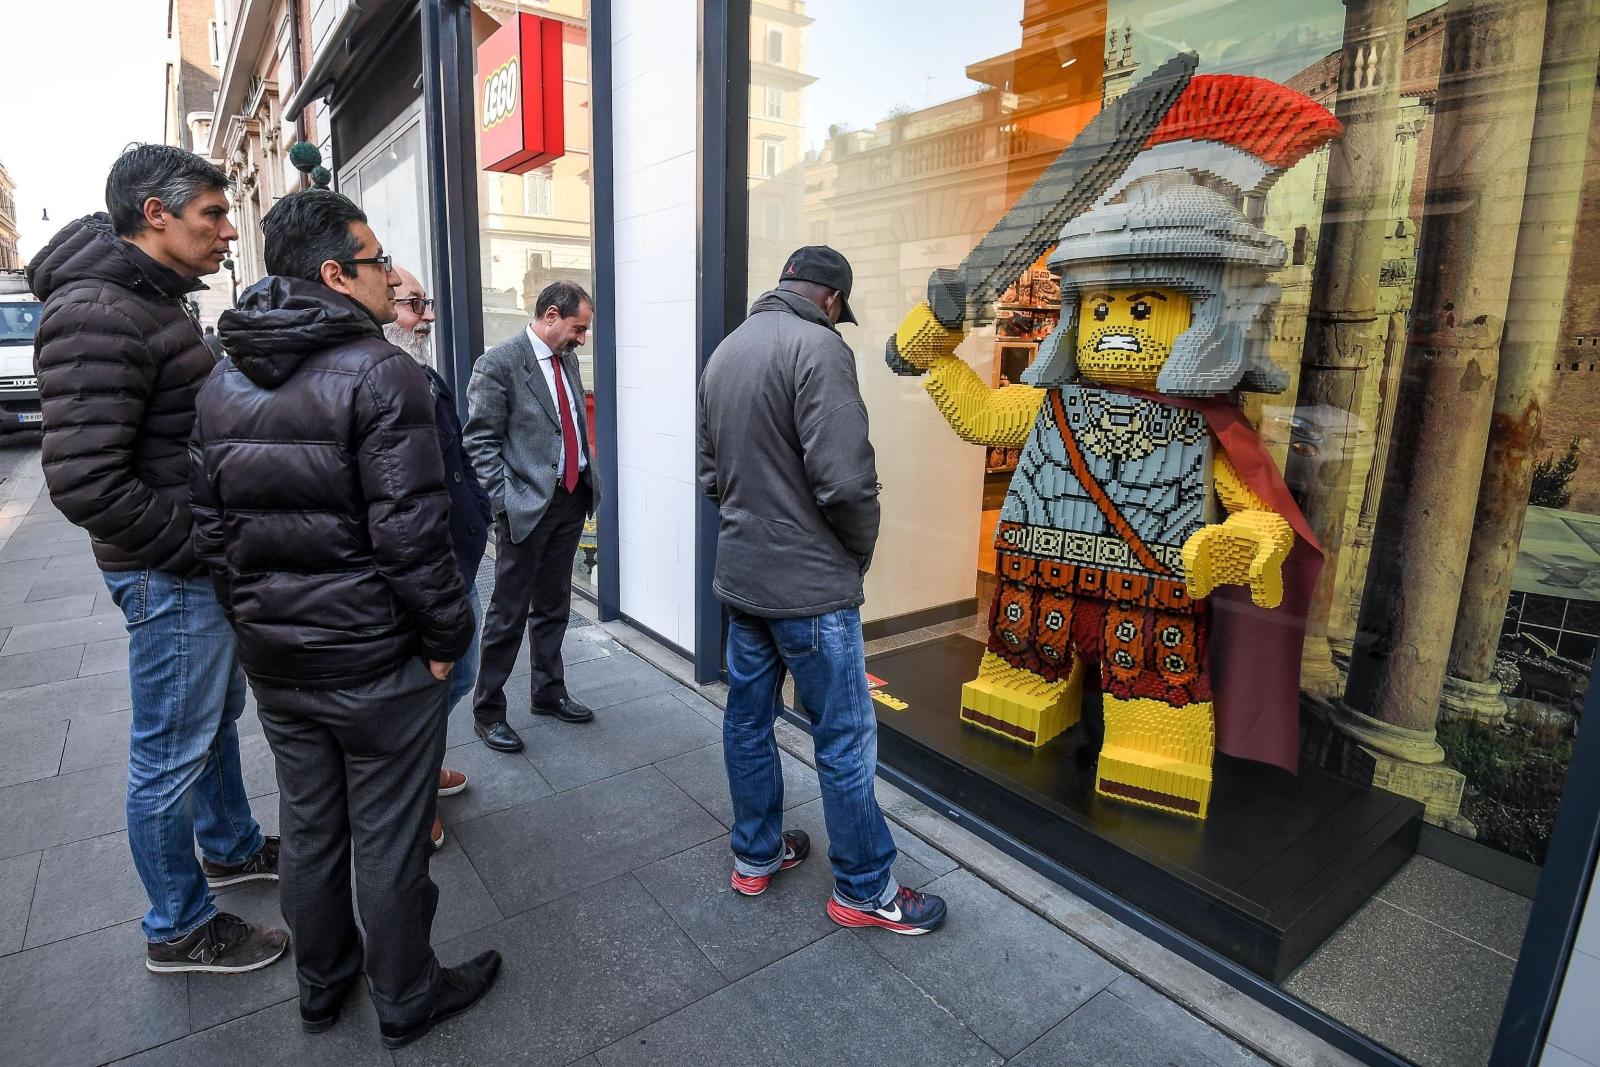 """Wystawa nowego sklepu """"Lego"""" w Rzymie, Włochy."""